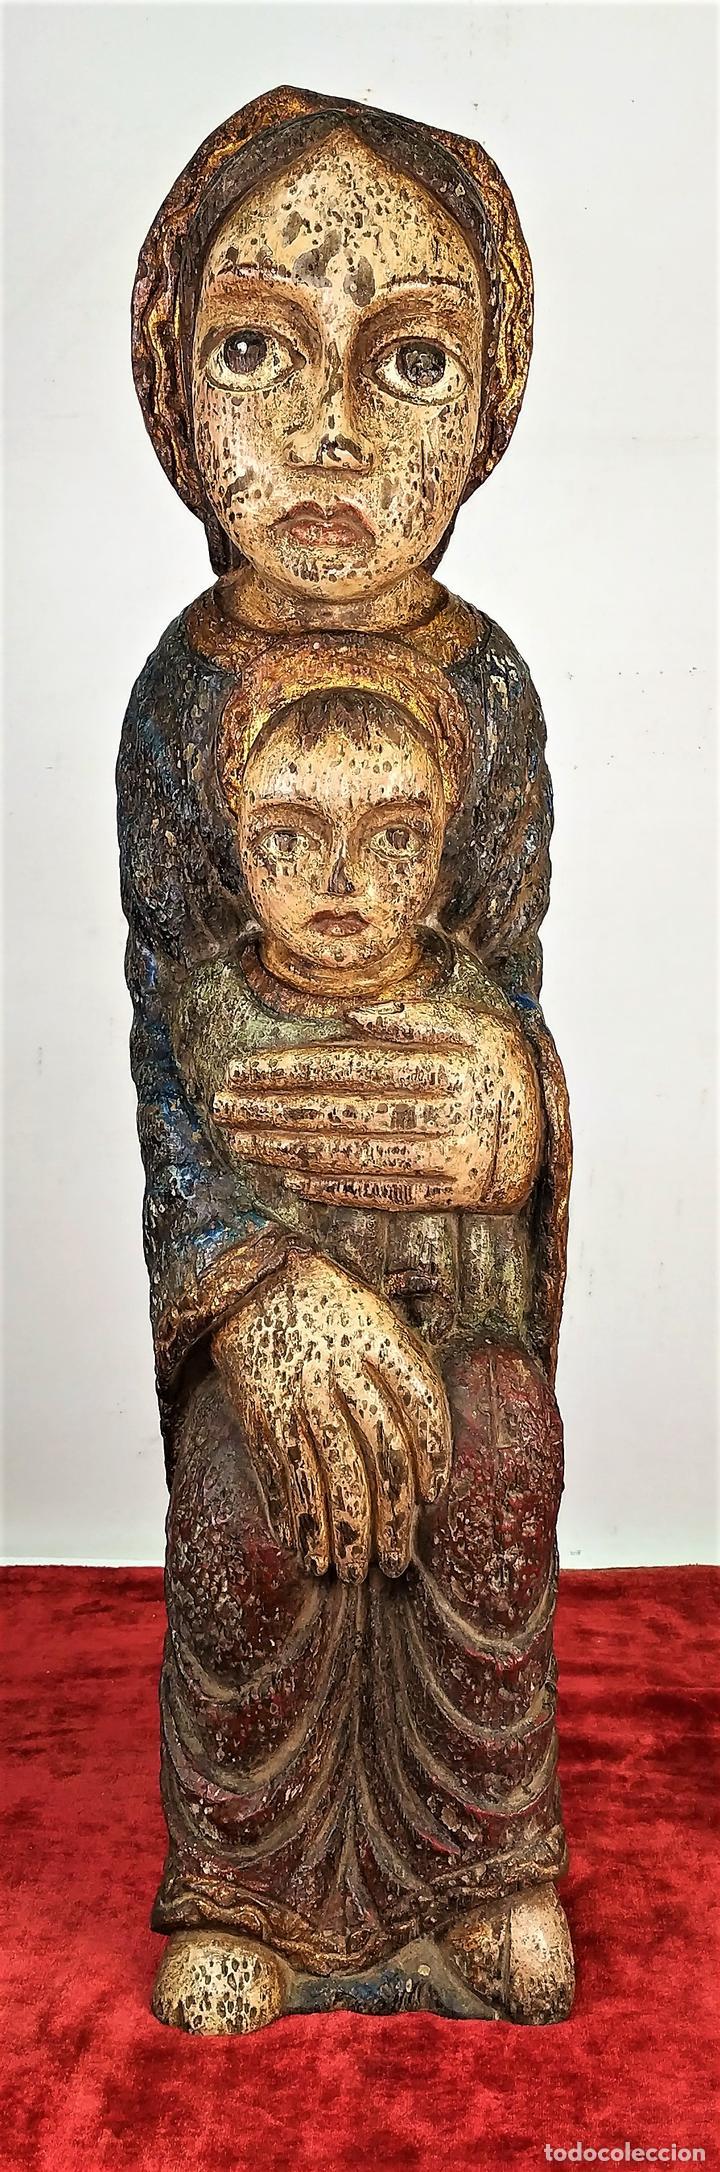 VIRGEN PROTECTORA. MADERA TALLADA Y POLICROMADA. ESTILO ROMÁNICO. ESPAÑA. SIGLO XX (Arte - Arte Religioso - Escultura)